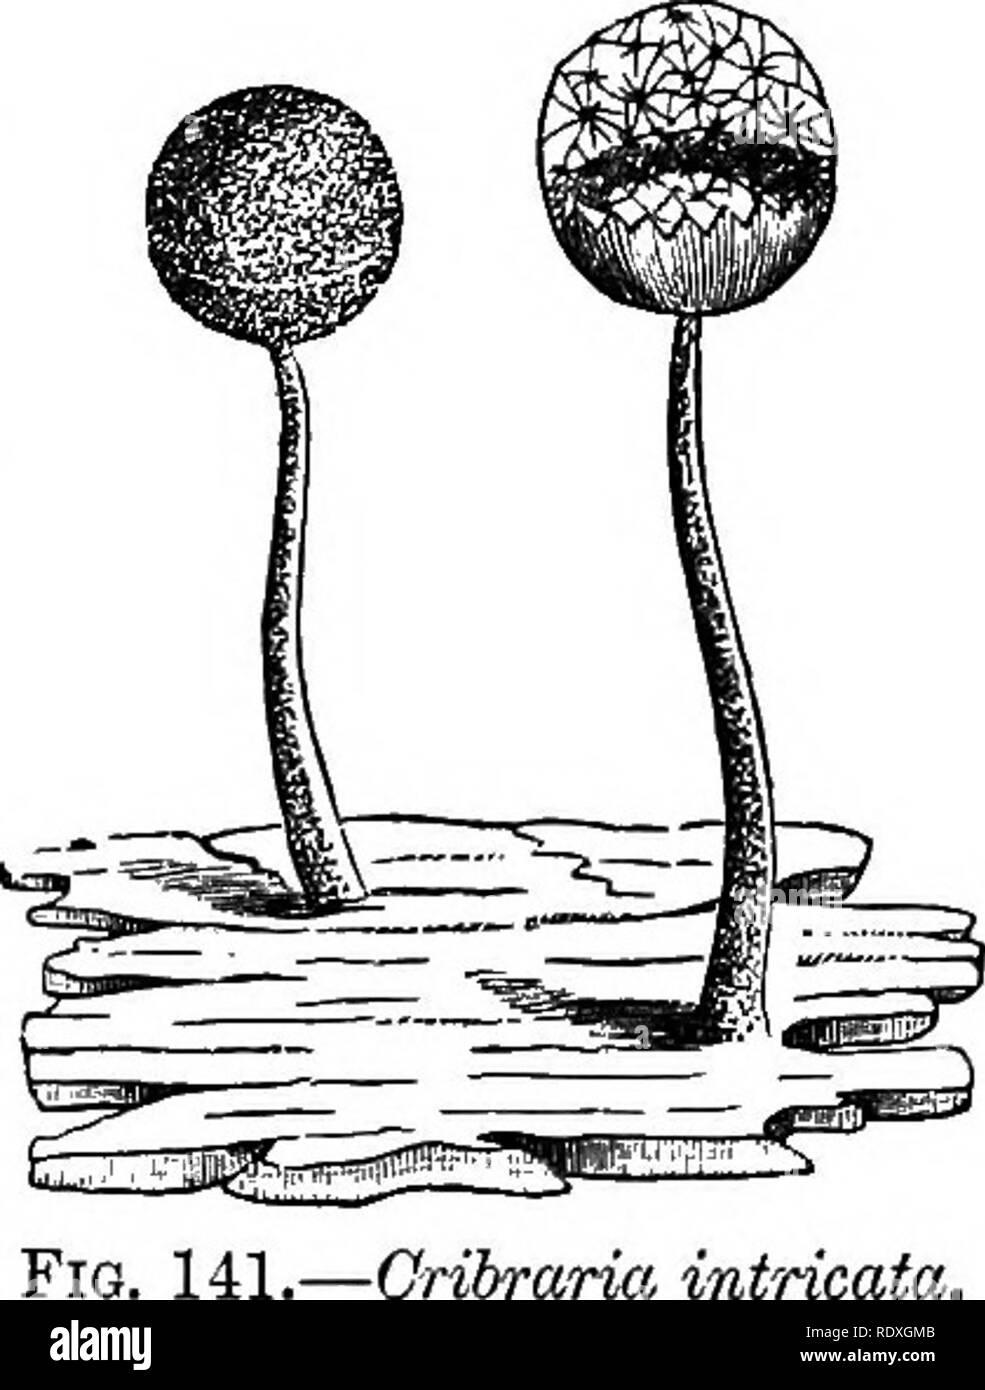 . Introduction à l'étude des champignons; leur organography, classification, et la distribution, à l'usage des collectionneurs. Les champignons. Champignons slime-MYXOMYCÈTES classification 313 qui a été adoptée pour ces organismes singuliers, les caractères pour lesquels sont issus de la reproduction et de l'état final. Le premier des quatre commandes, dans lequel l'ensemble du groupe est subdivisé, est le Peritrichiaceae, dans lequel le mur de le sporange n'est pas incrustée de lime, et le capillitium est soit absente ou formé à partir de la paroi du sporange. Cet ordre est à nouveau subdivisée en deux sous-ordres-que de Banque D'Images